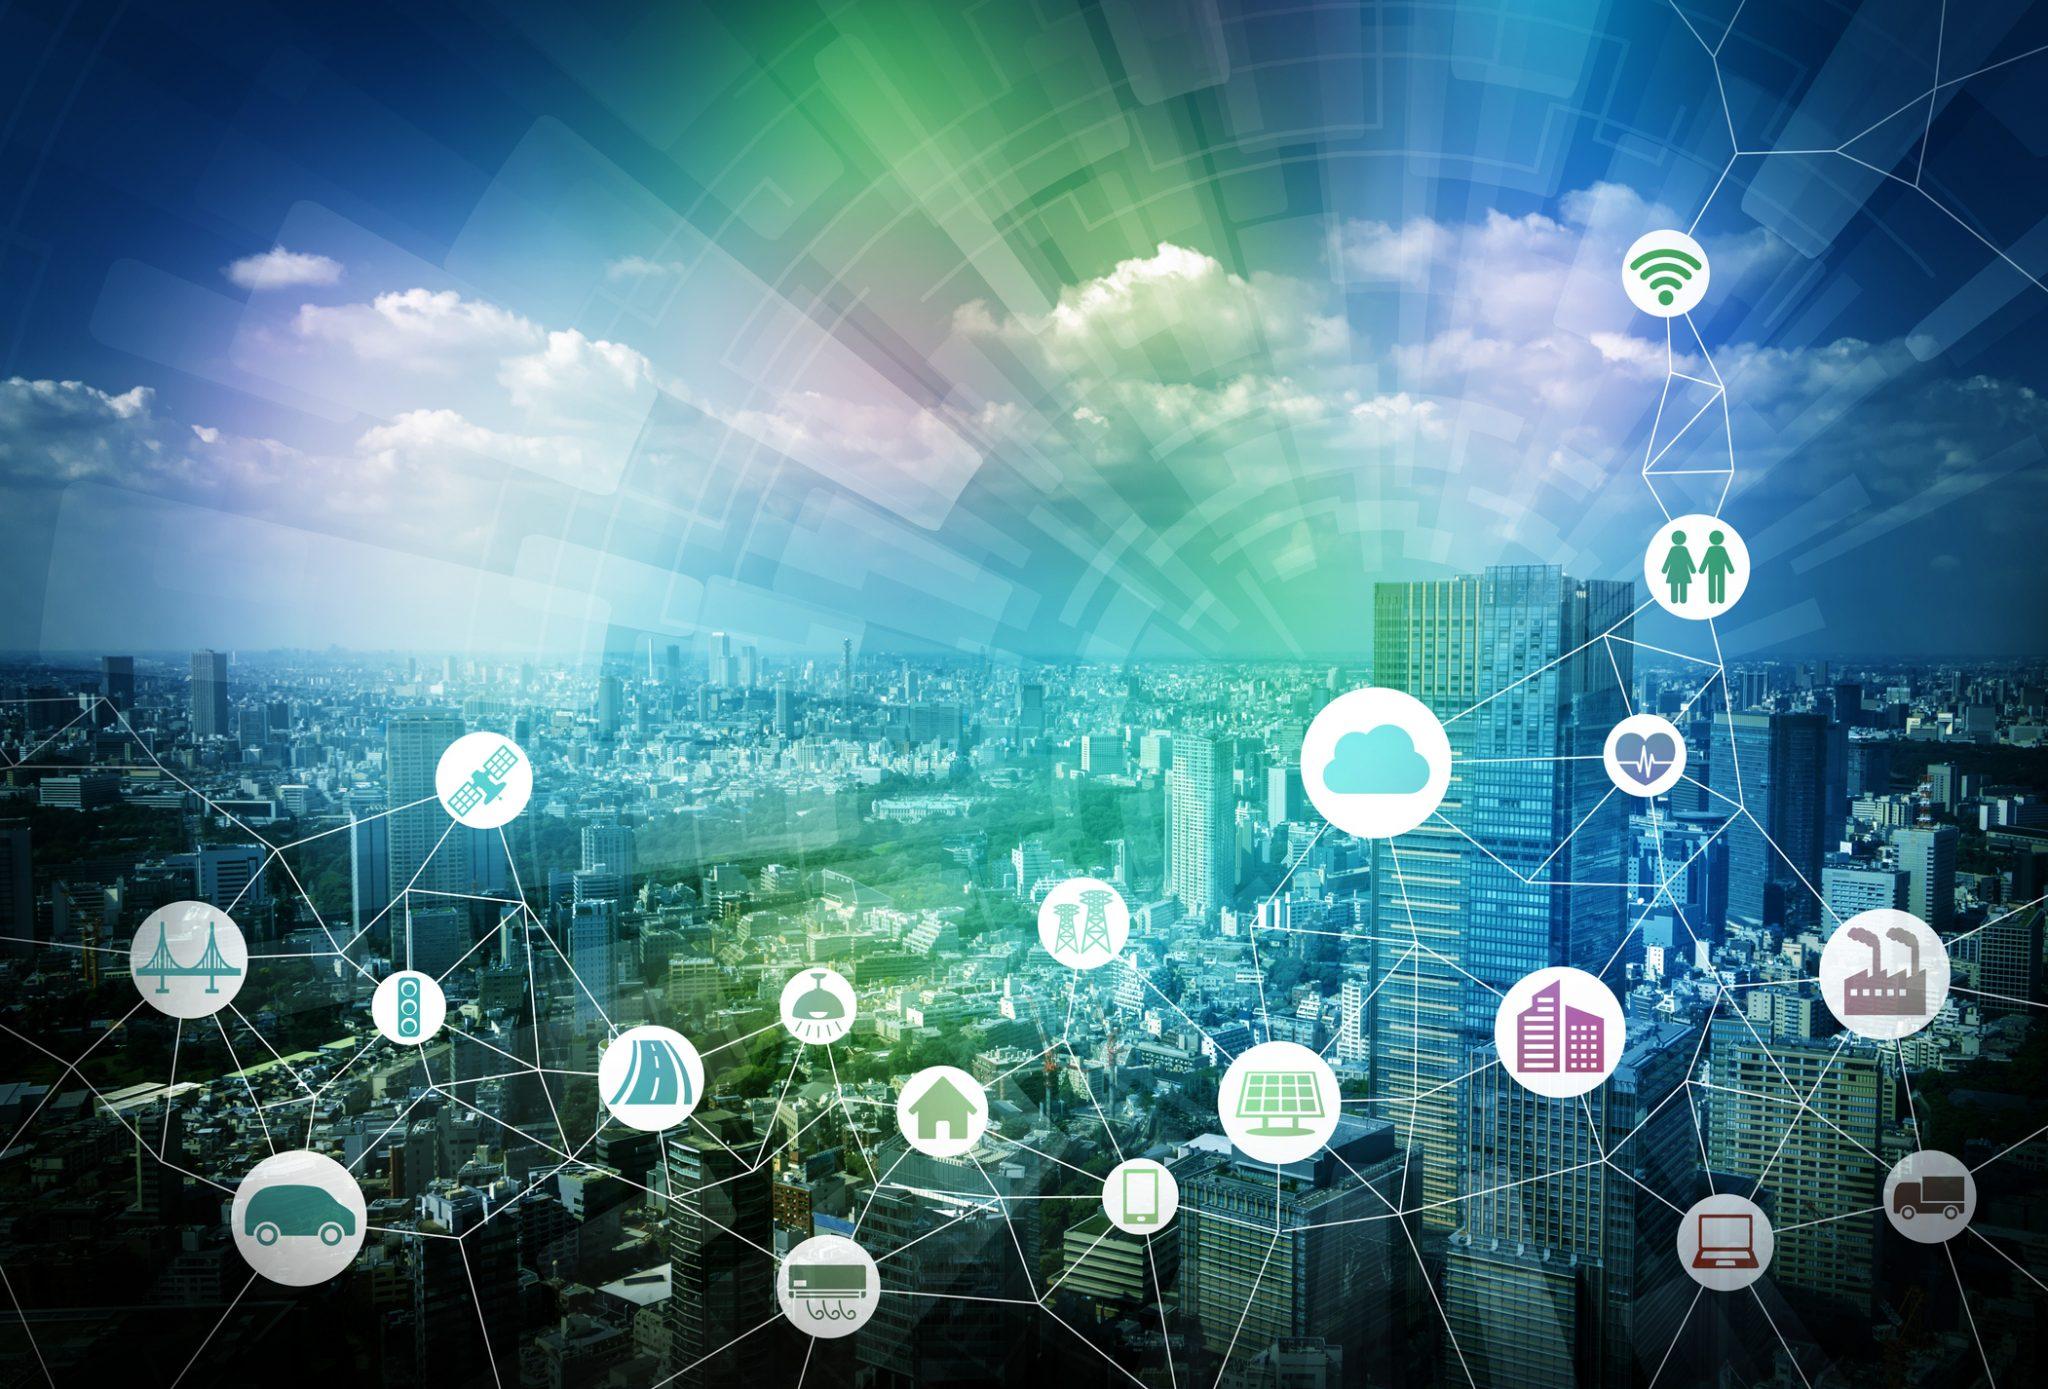 5G 和物联网融合会改变行业游戏规则吗?